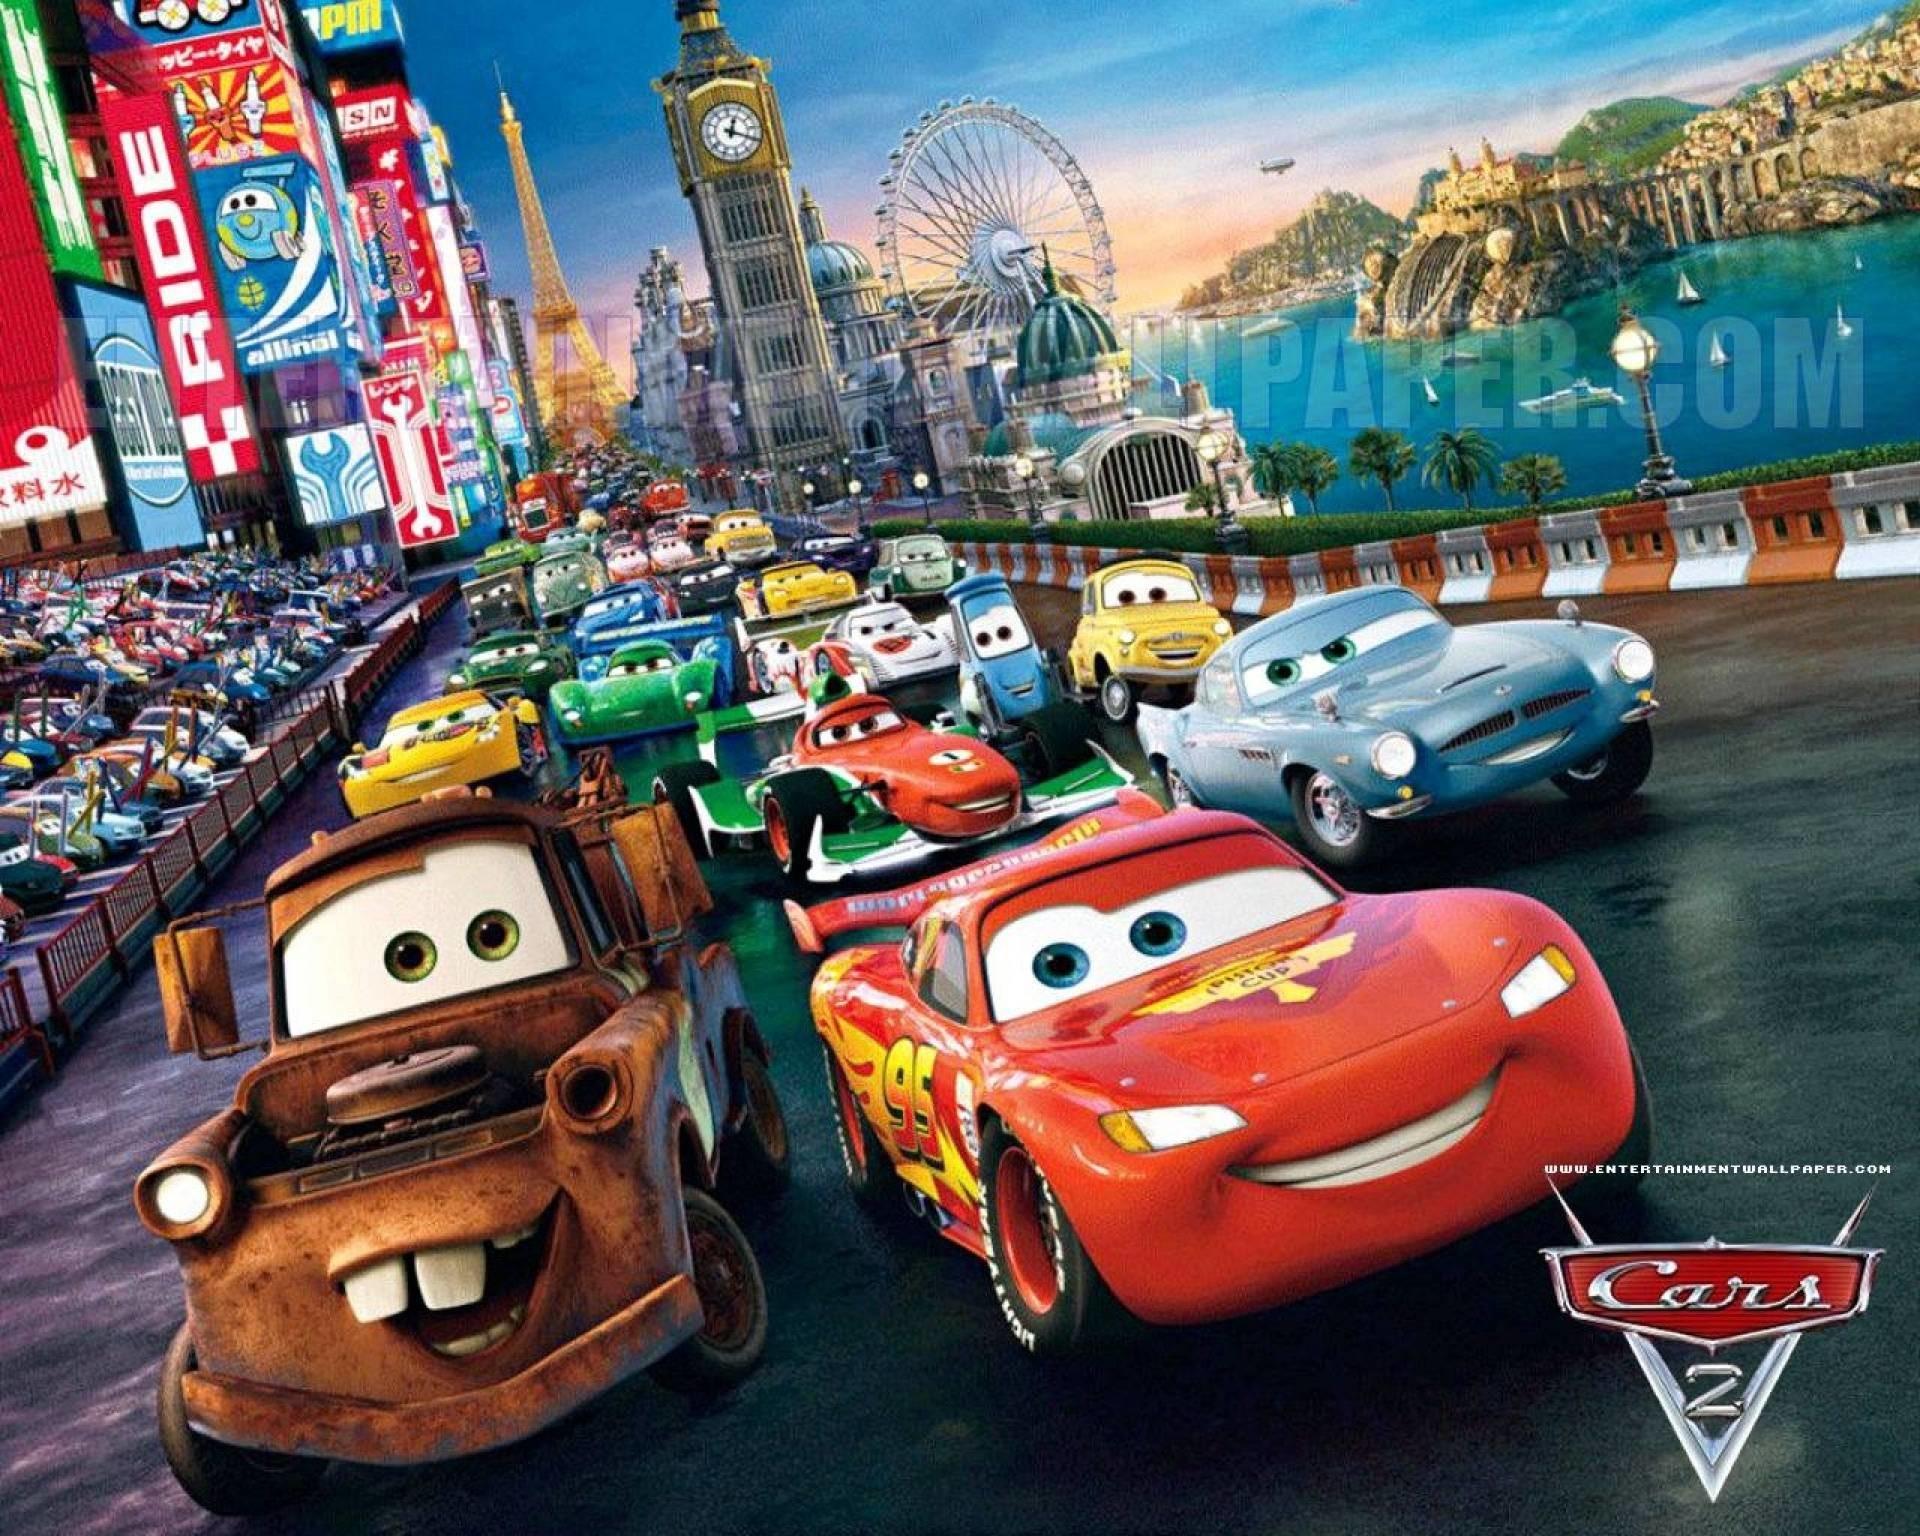 Disney Pixar Cars Wallpaper Border Trtapete Fototapete Tapete Disney